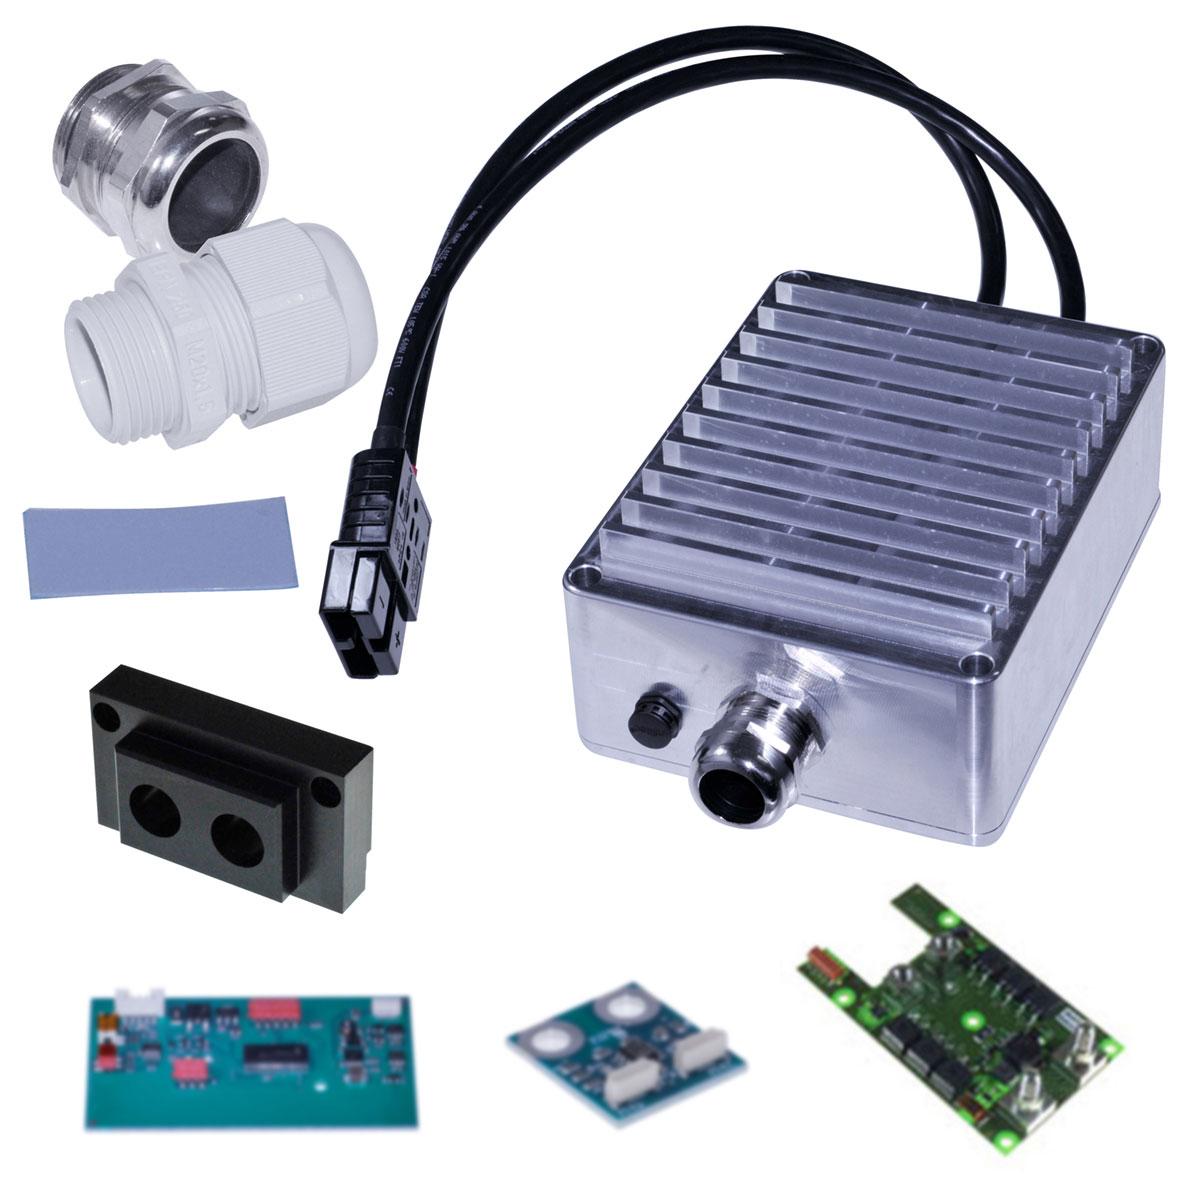 Electronic box I